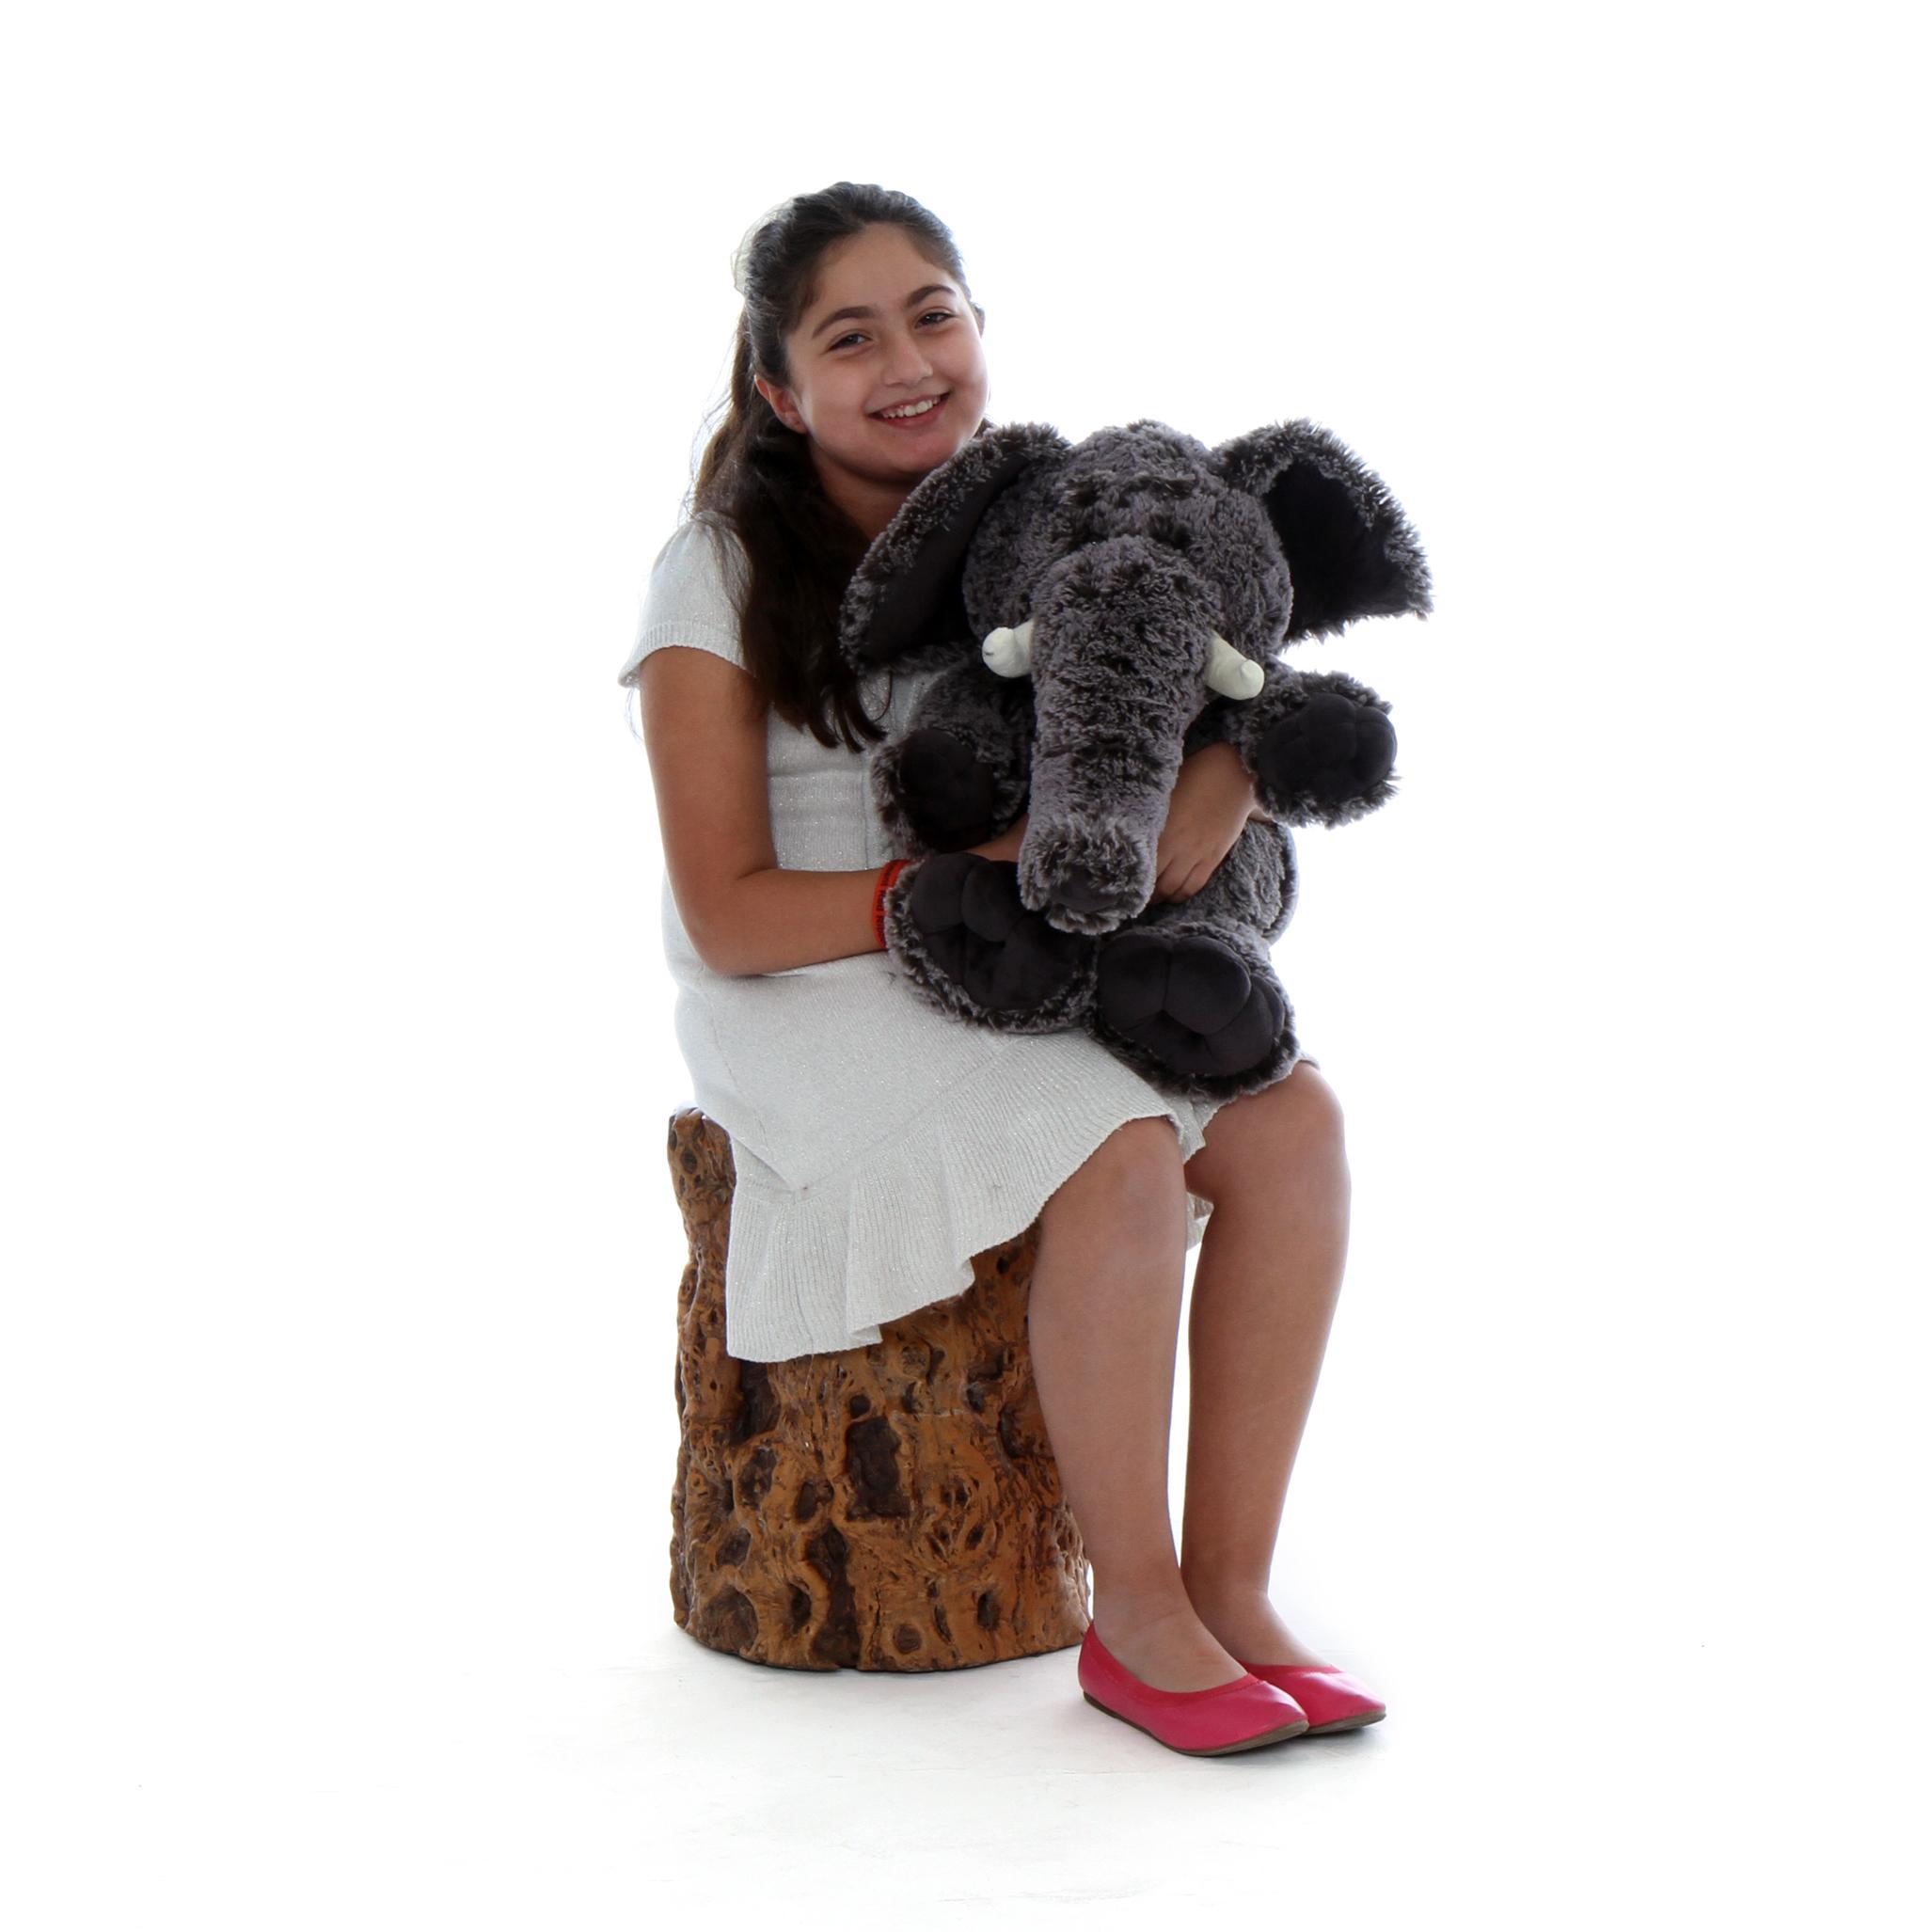 24in-small-sized-gray-lovable-stuffed-elephant.jpg